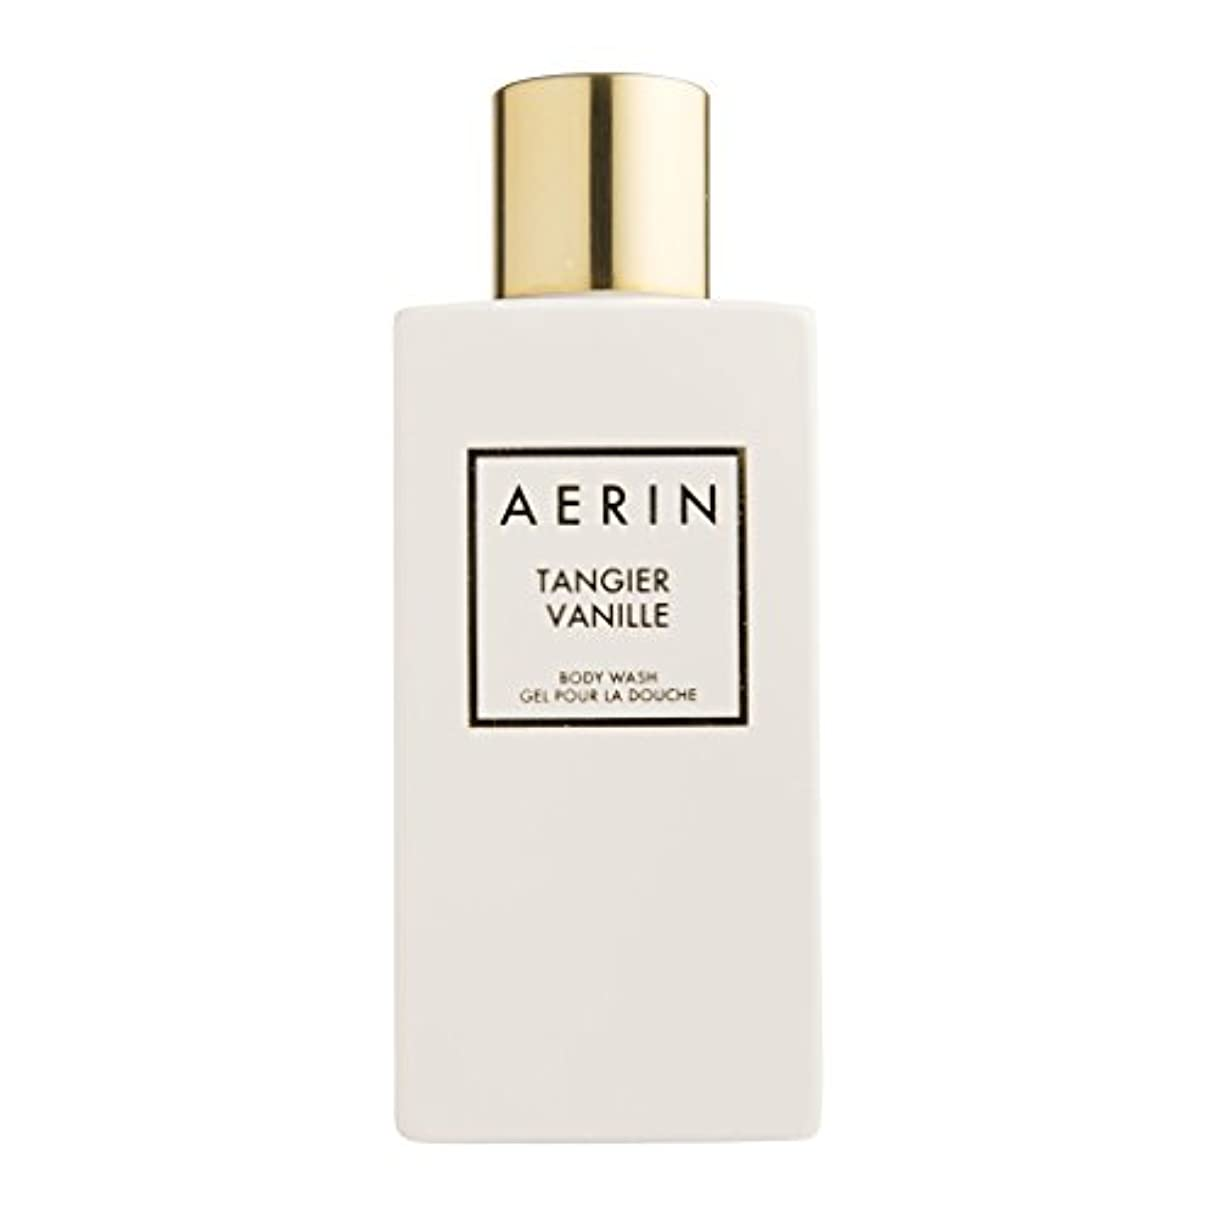 地域の用語集コンテストAERIN Tangier Vanille (アエリン タンジヤー バニール) 7.6 oz (228ml) Body Wash ボディーウオッシュ by Estee Lauder for Women